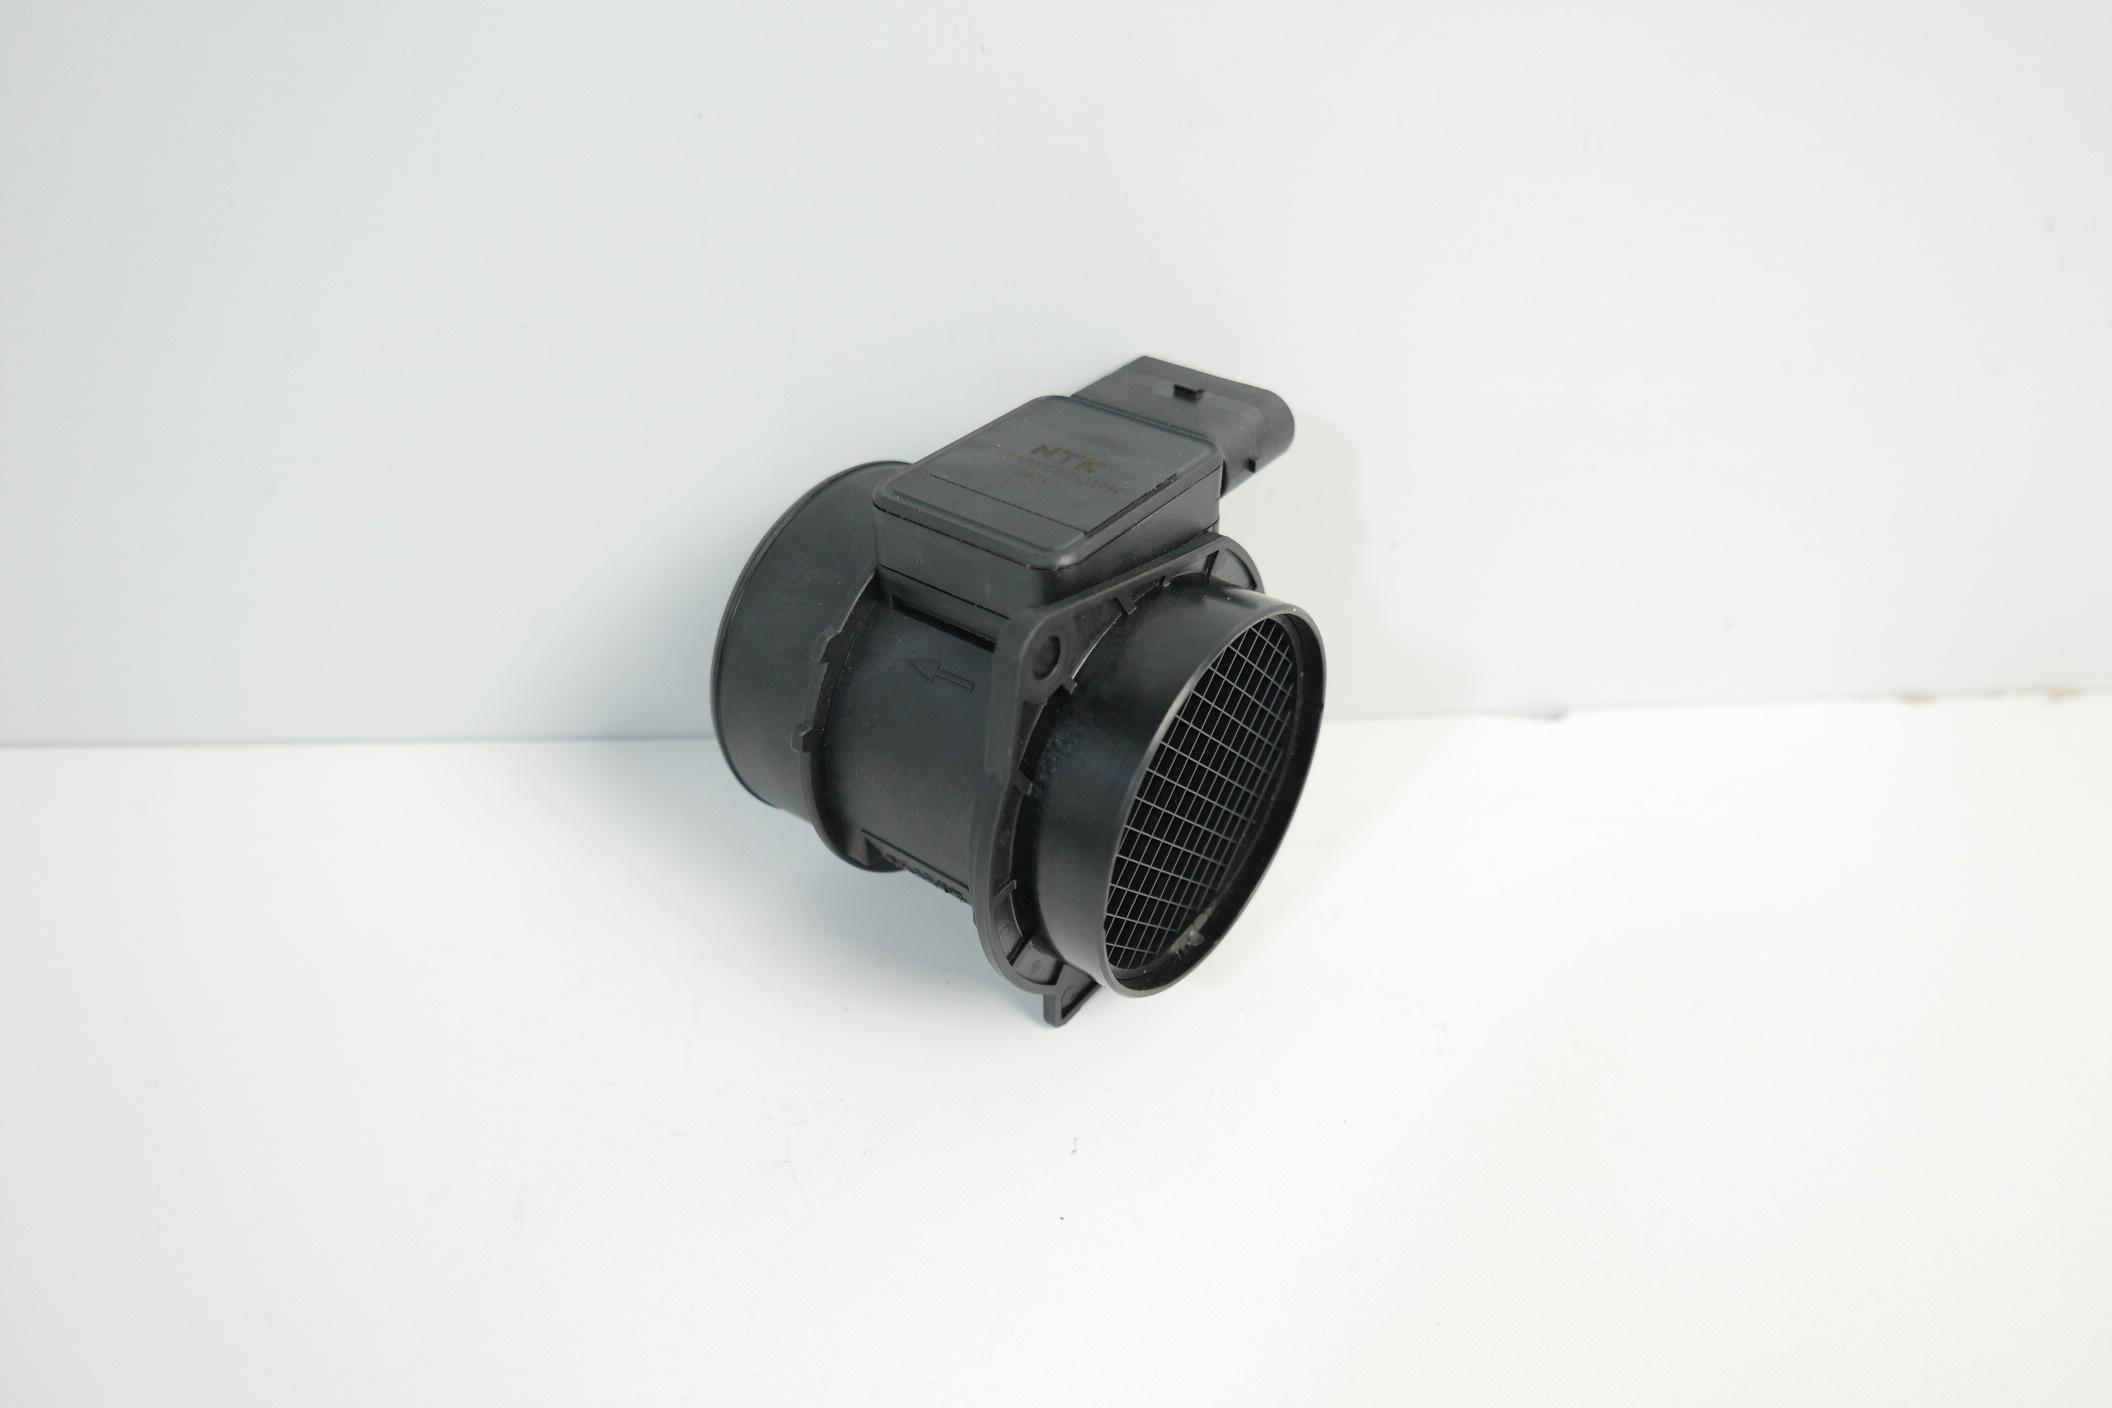 ngk расходомер mercedes clk c208 w203 w210 r17